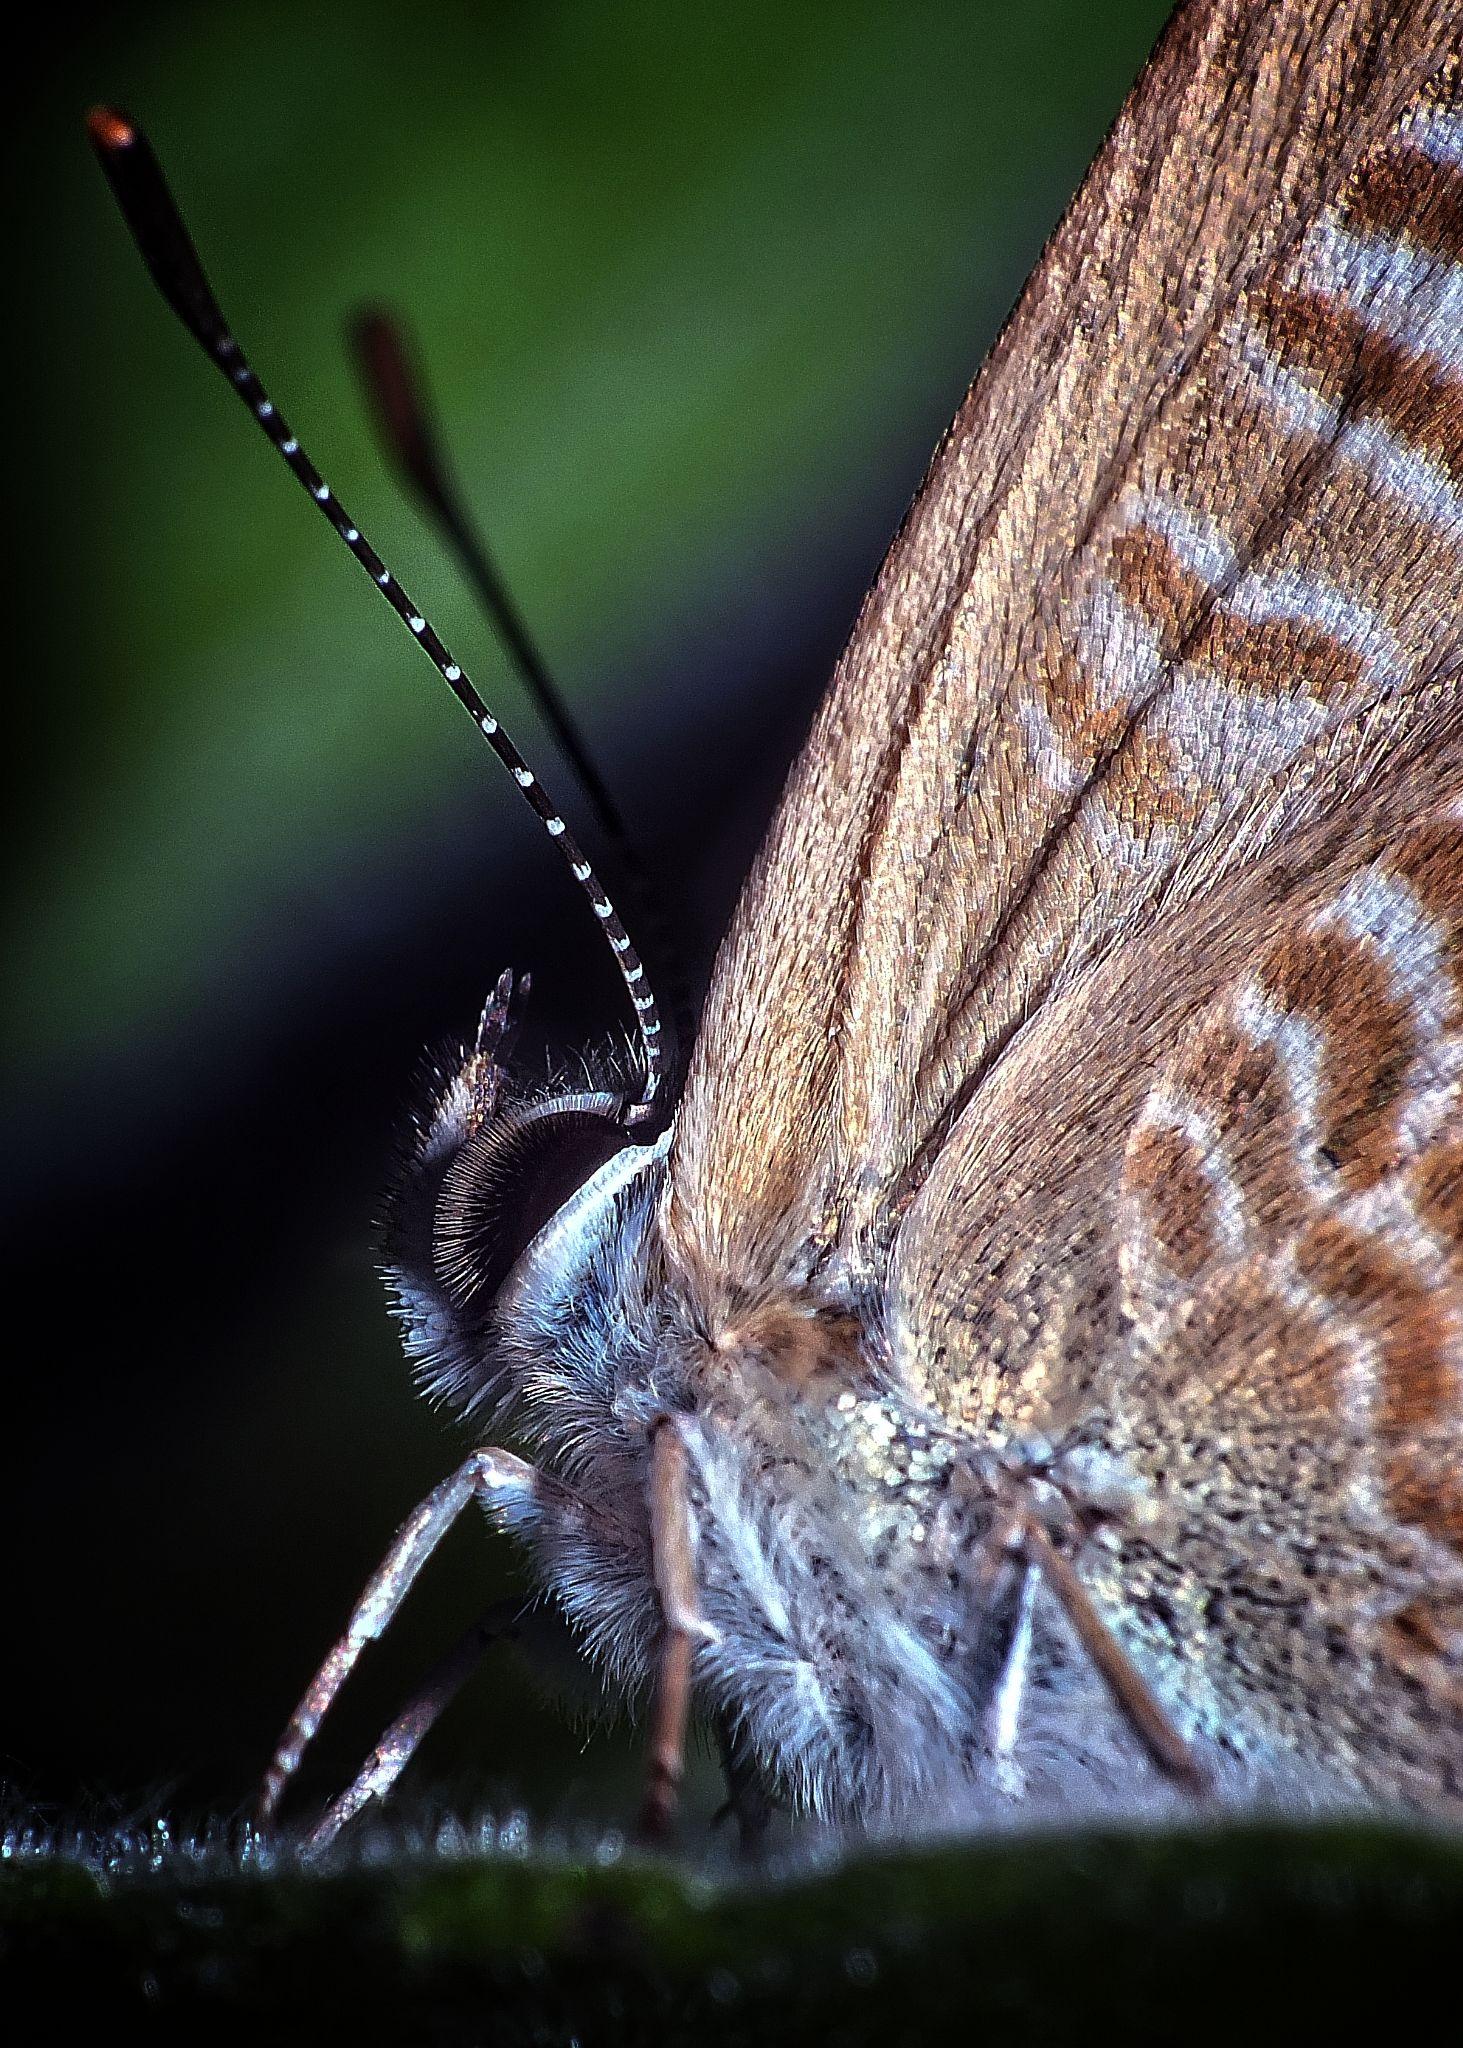 Butterfly Effect by kayhan.ozcicek